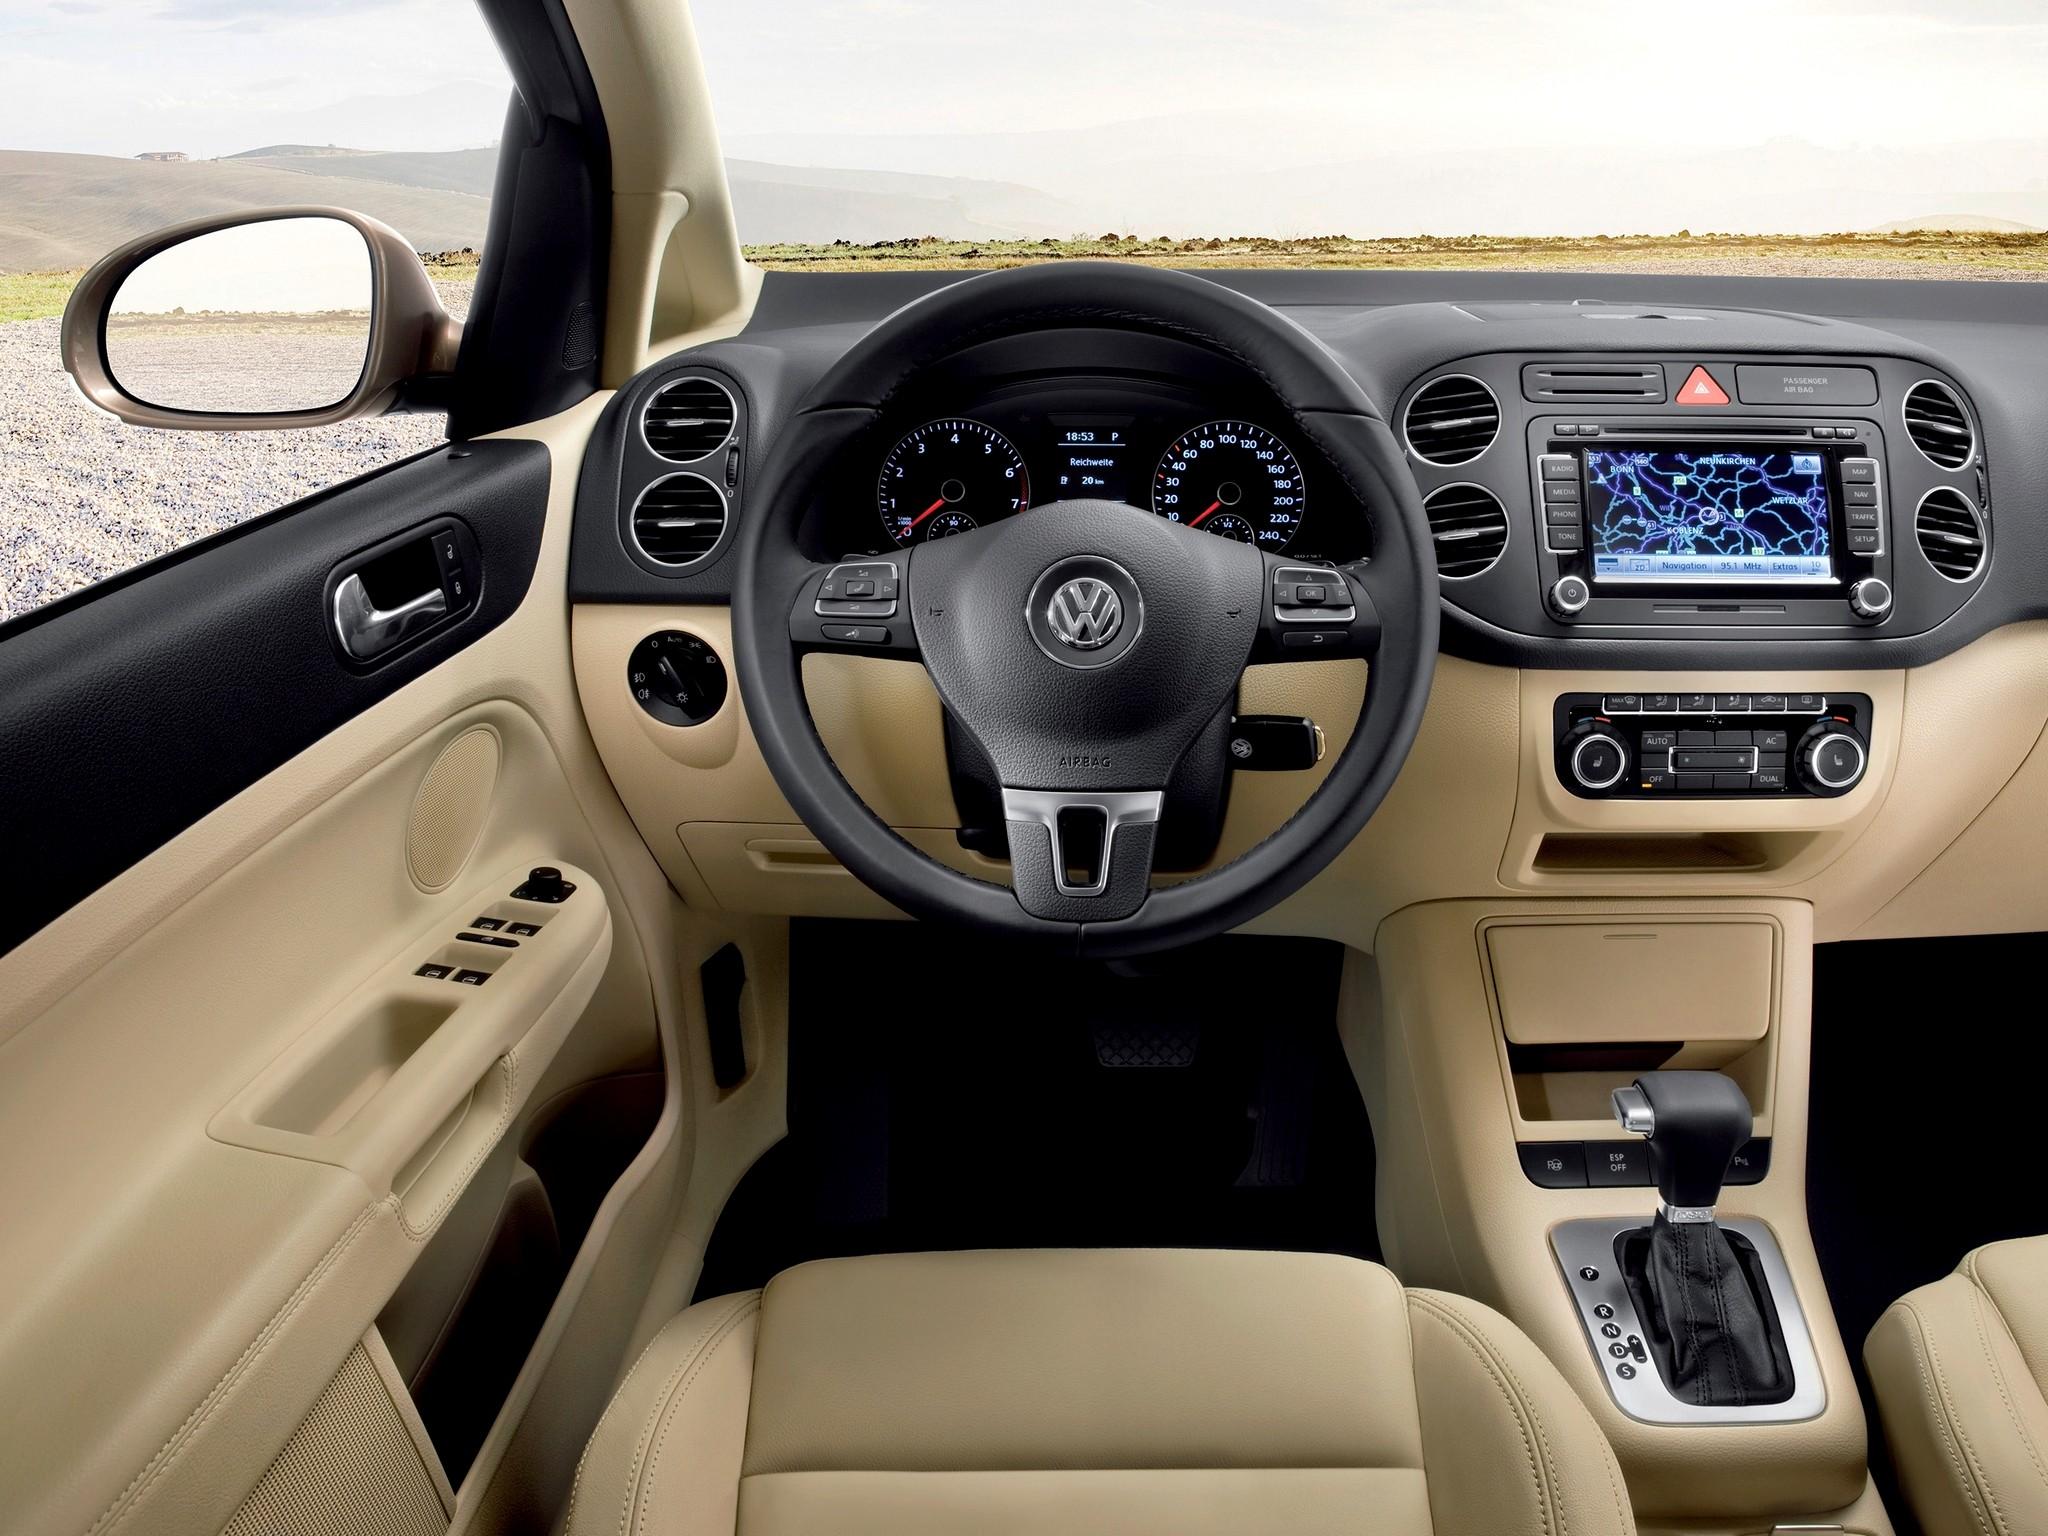 Volkswagen Golf Plus Specs Photos 2008 2009 2010 2011 2012